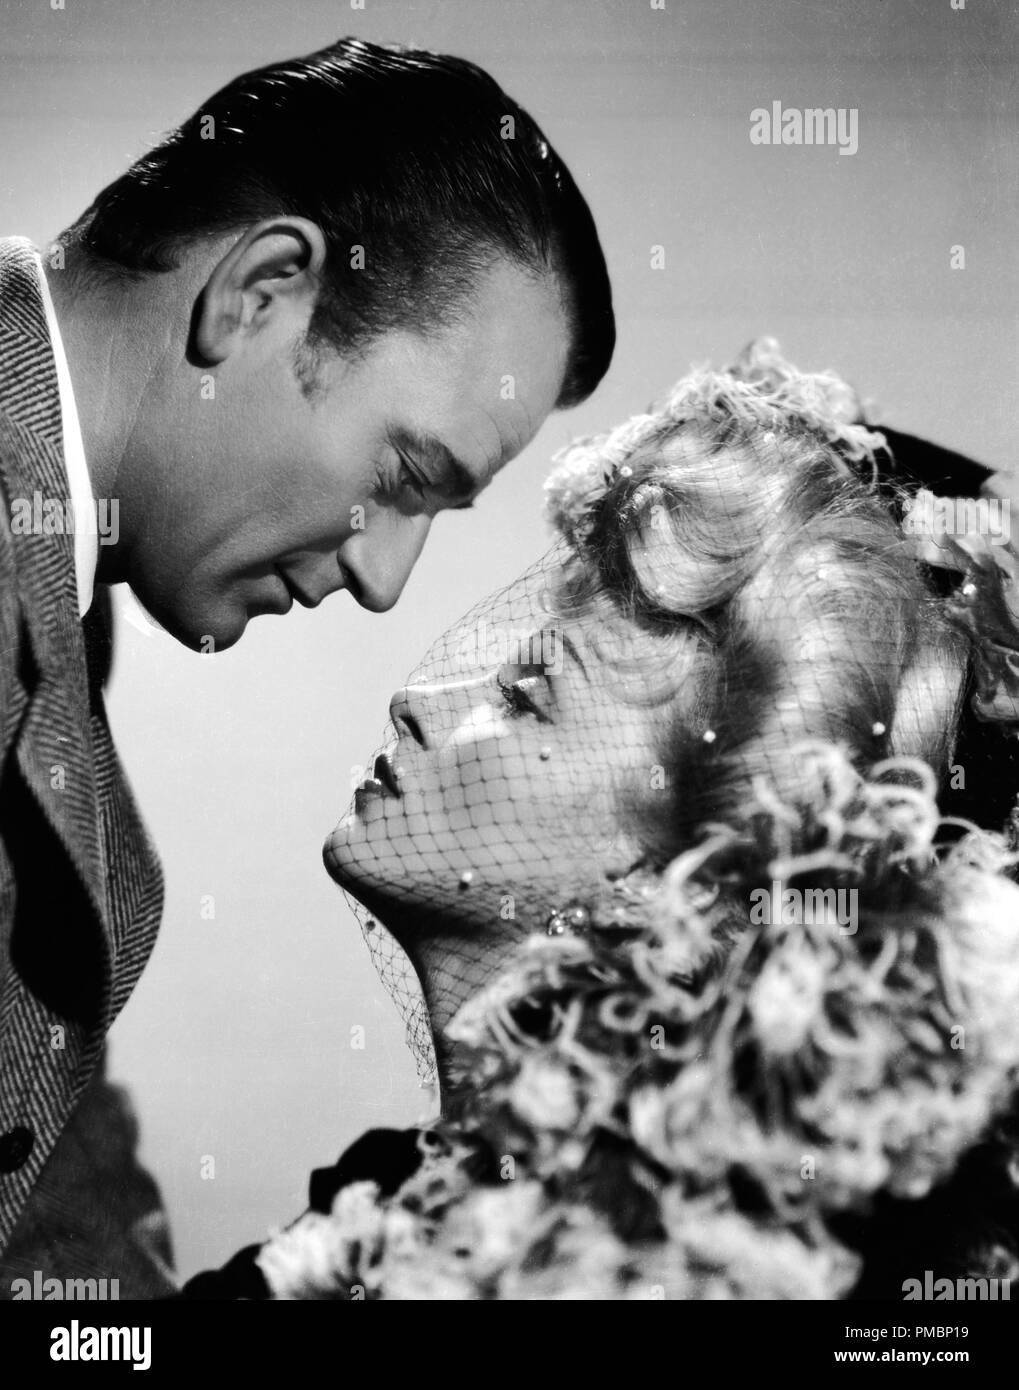 John Wayne et Marlene Dietrich dans 'Les déporteurs', 1942 Universal Pictures référence # 32603_175 THA Banque D'Images